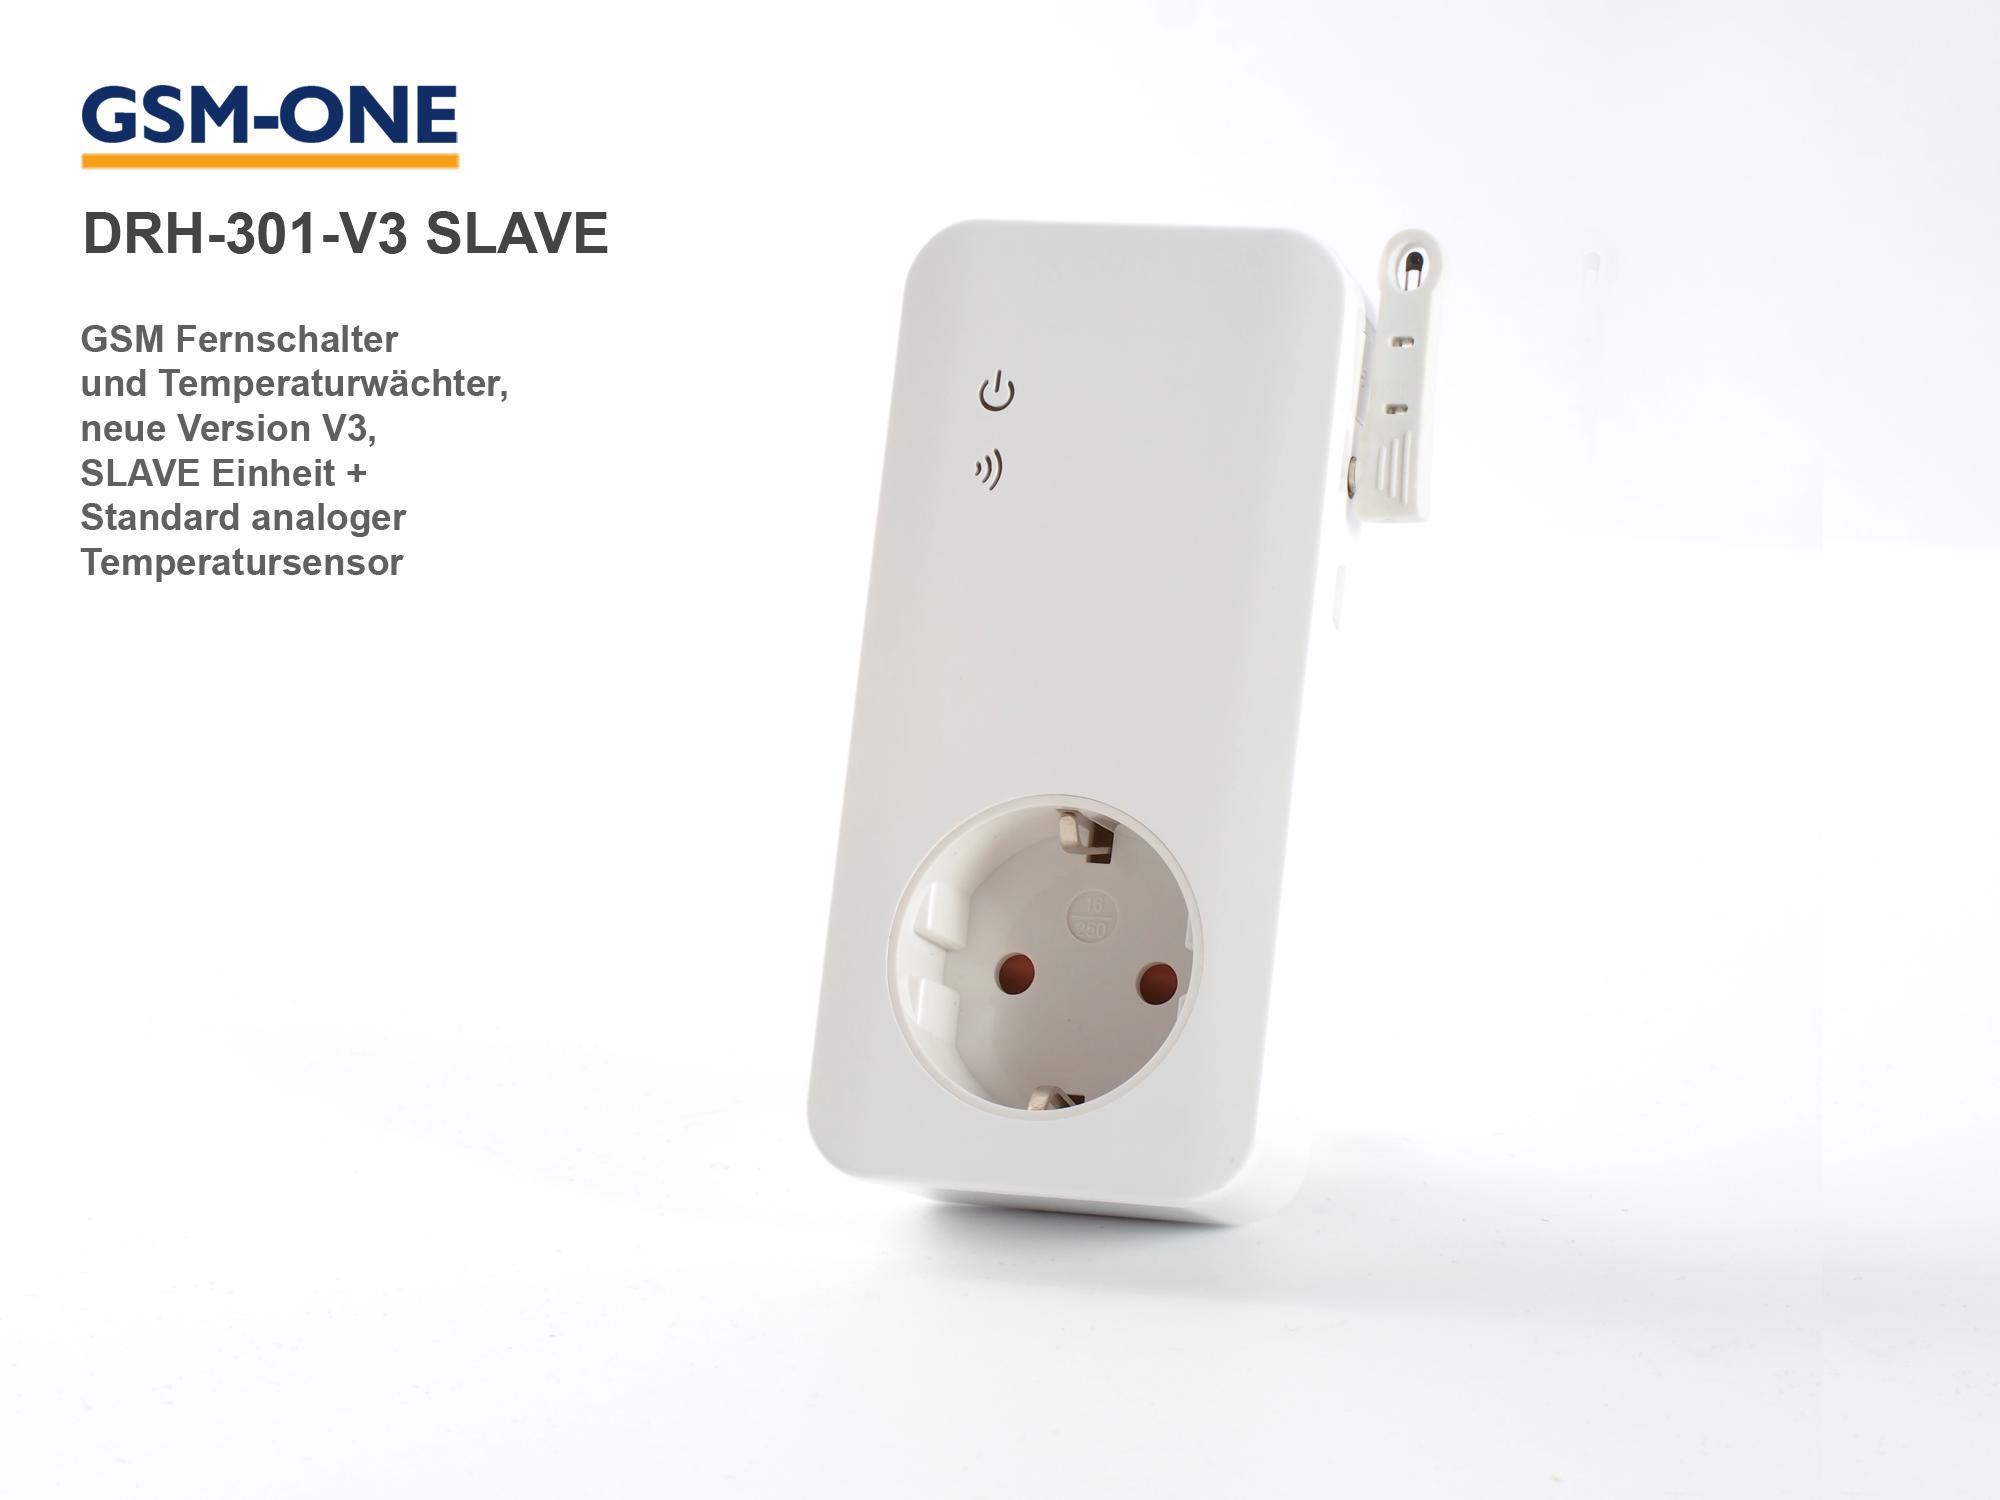 SLAVE Einheit zur Schaltsteckdose DRH-301-V3/V4